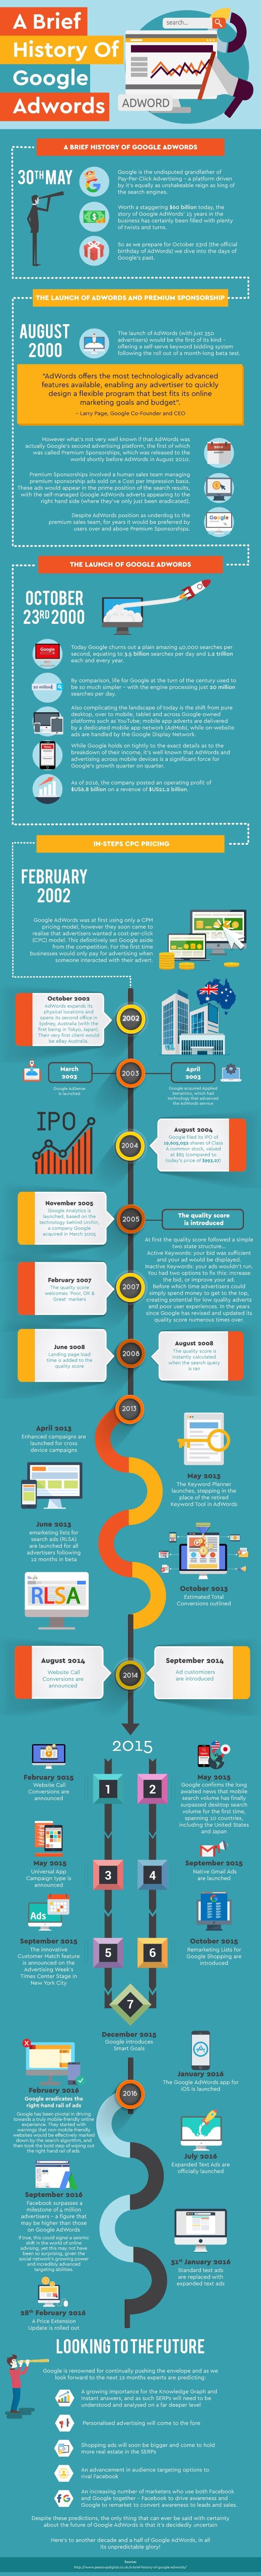 A Brief History Of Google Adwords